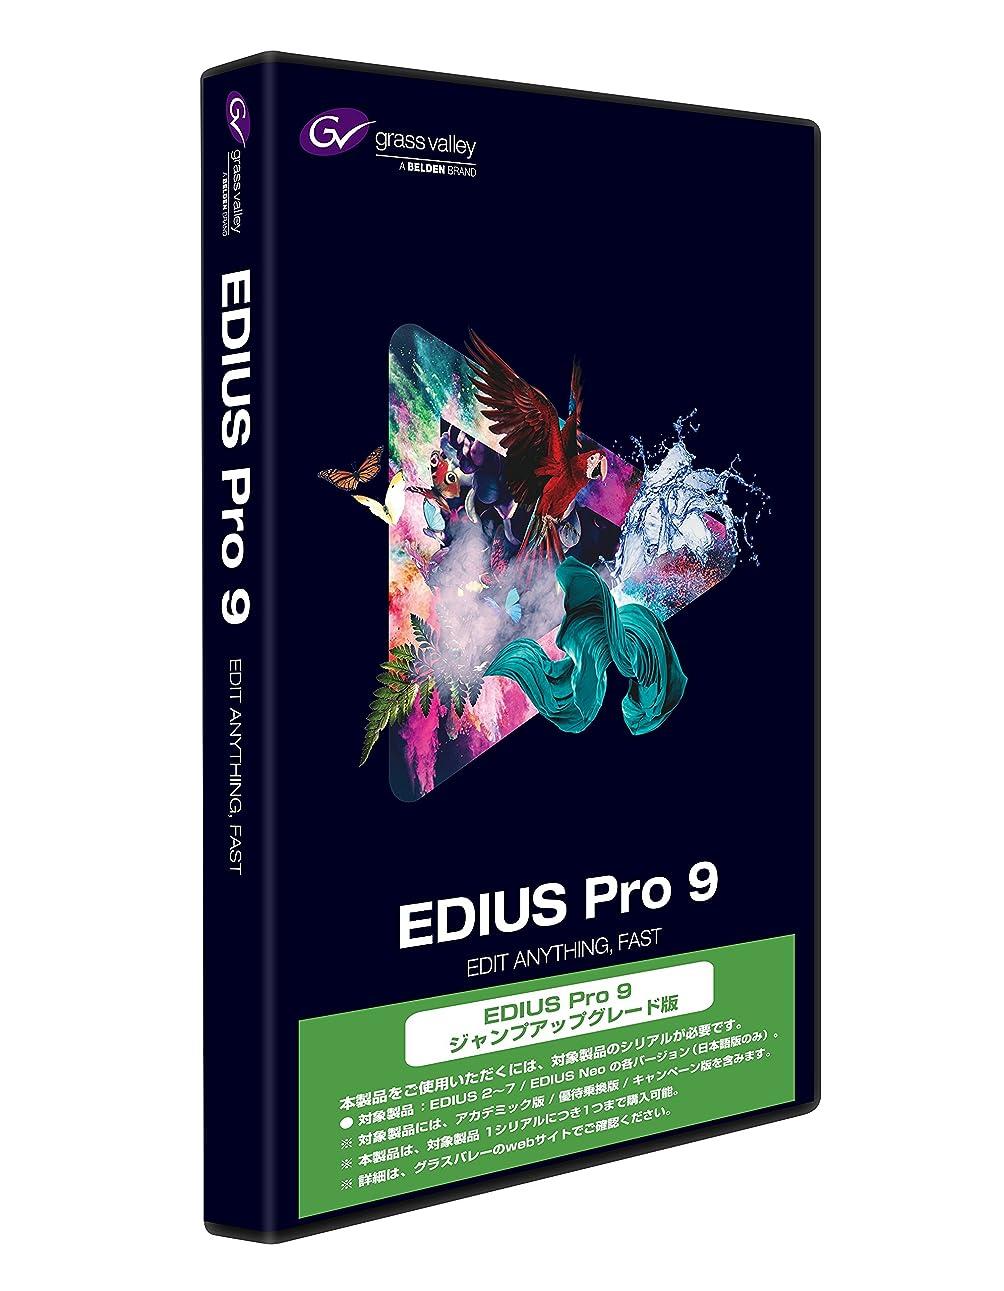 かけがえのない子豚ギャザーグラスバレー EDIUS Pro 9 優待乗換版 EPR9-JUPR-JP